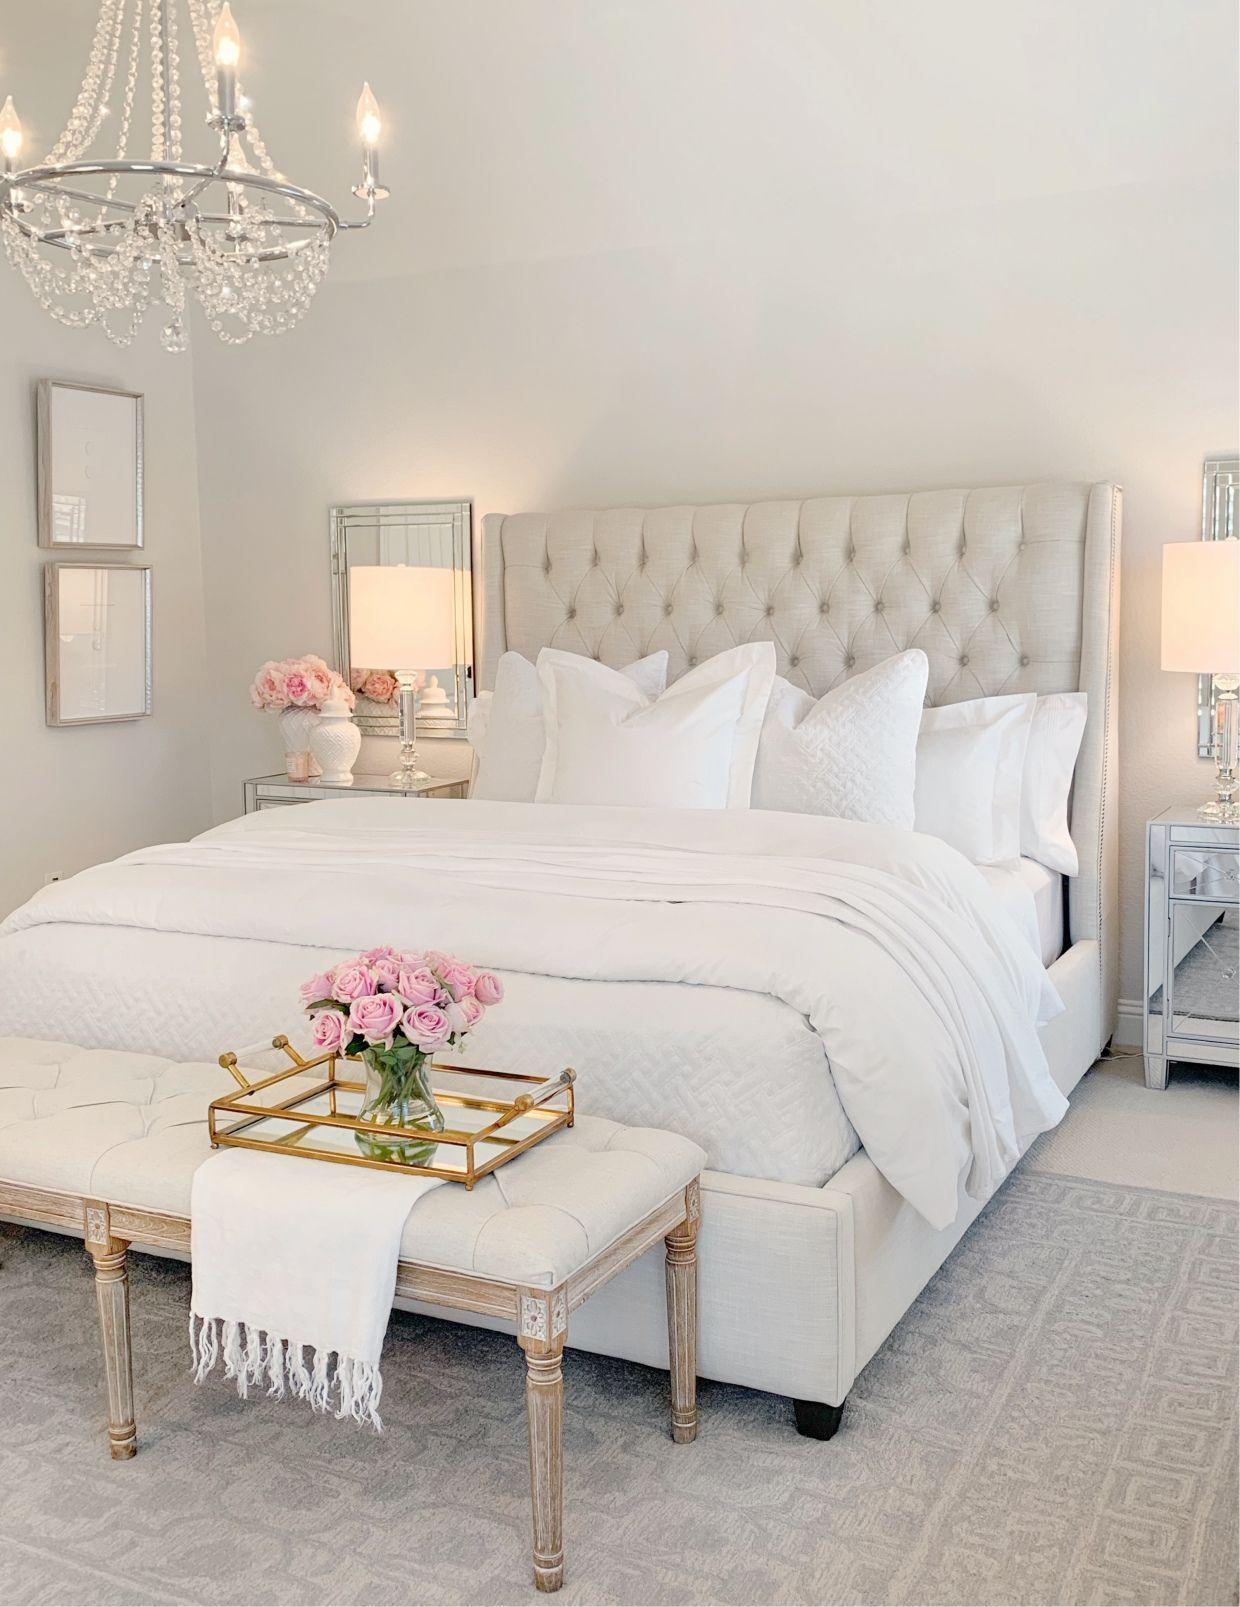 Photo of 55 Empfohlene Designideen für Luxusschlafzimmer #empfohlene #designideen #luxusschlafzimmer